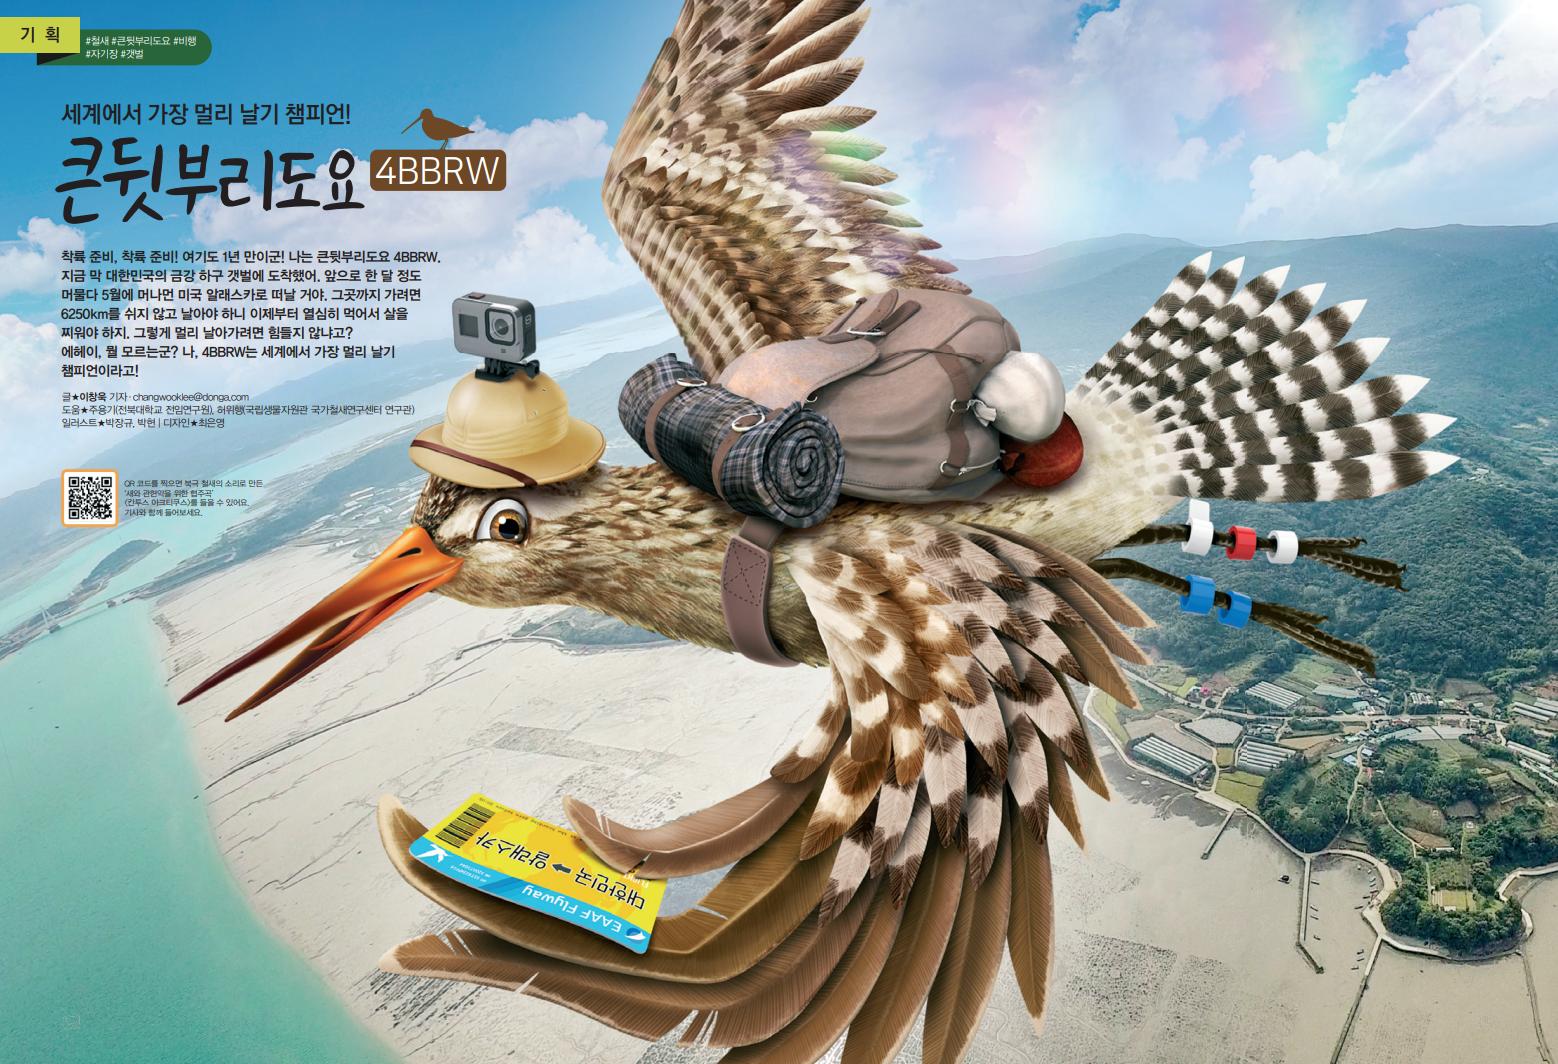 [기획] 세계에서 가장 멀리 날기 챔피언! 큰뒷부리도요